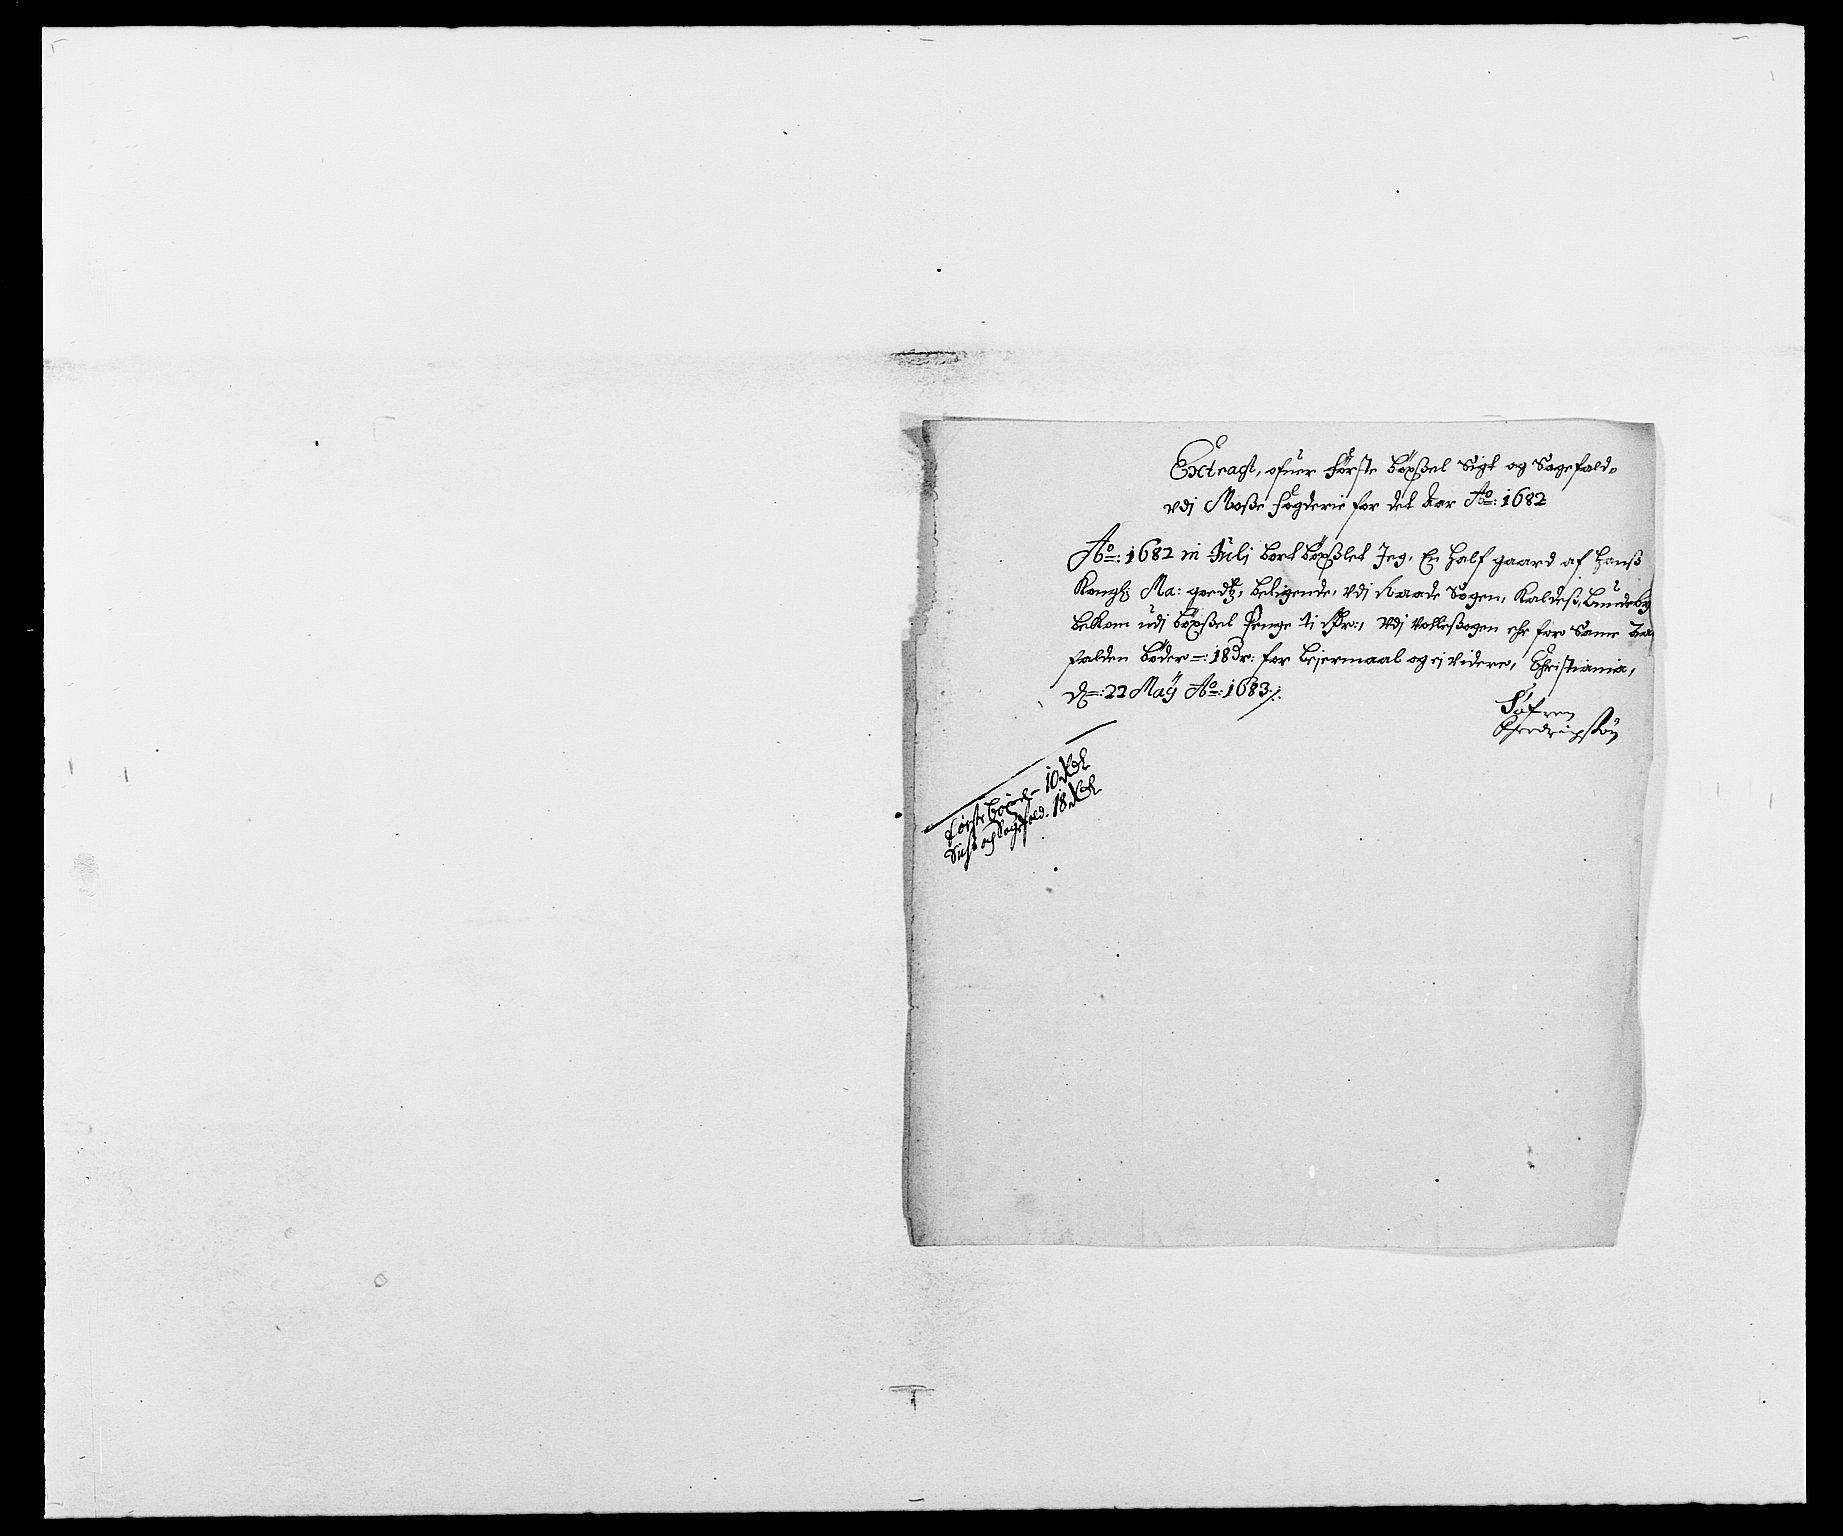 RA, Rentekammeret inntil 1814, Reviderte regnskaper, Fogderegnskap, R02/L0103: Fogderegnskap Moss og Verne kloster, 1682-1684, s. 114